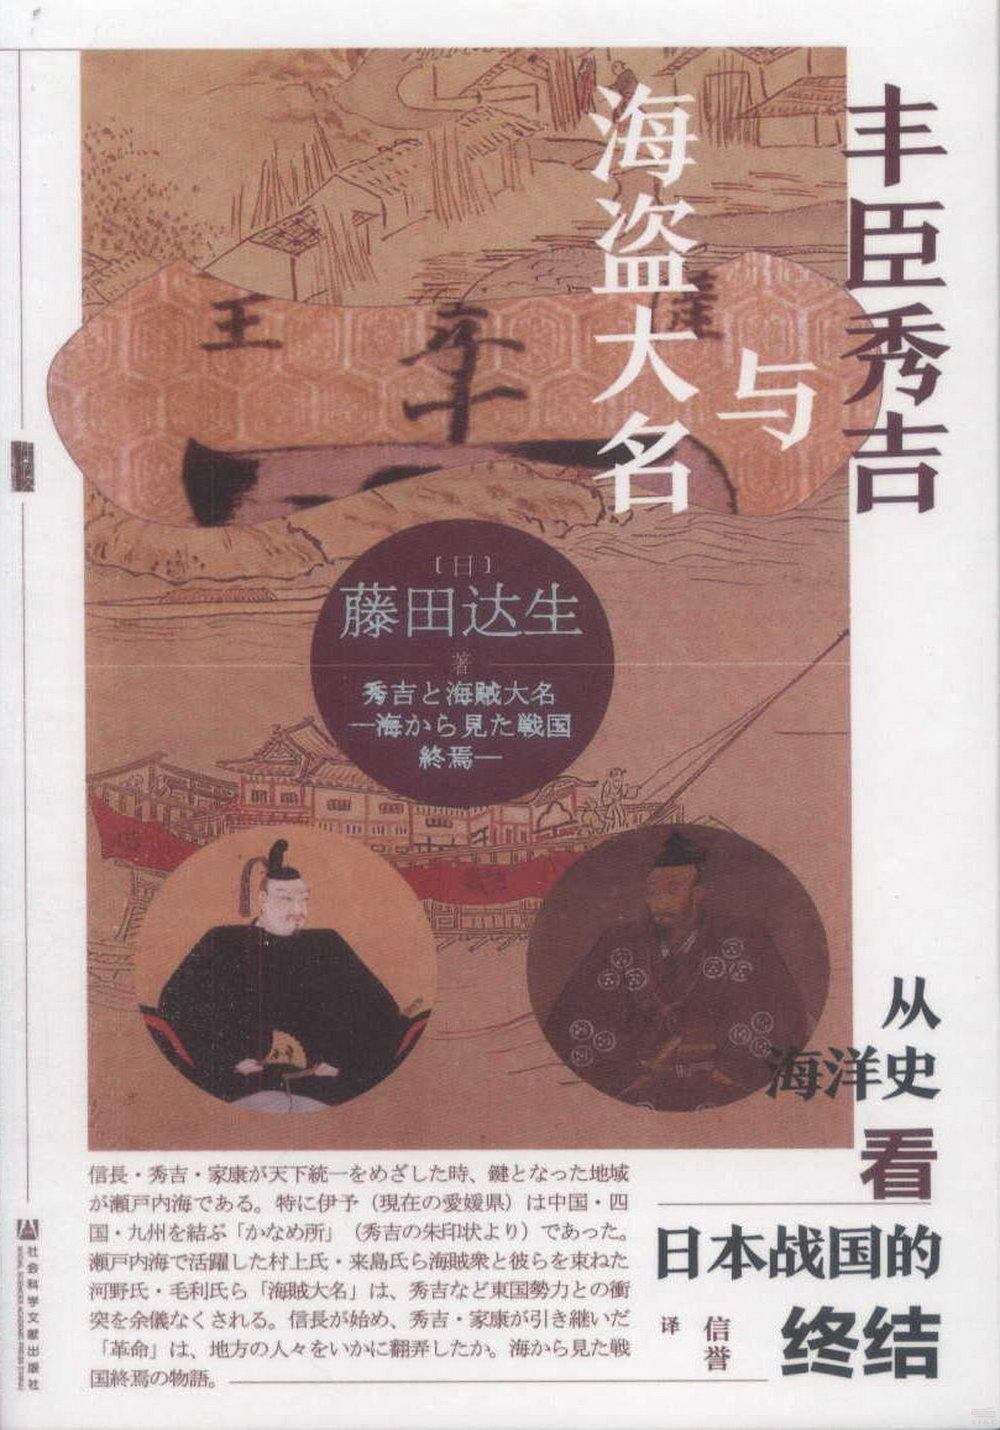 豐臣秀吉與海盜大名:從海洋史看日本戰國的終結